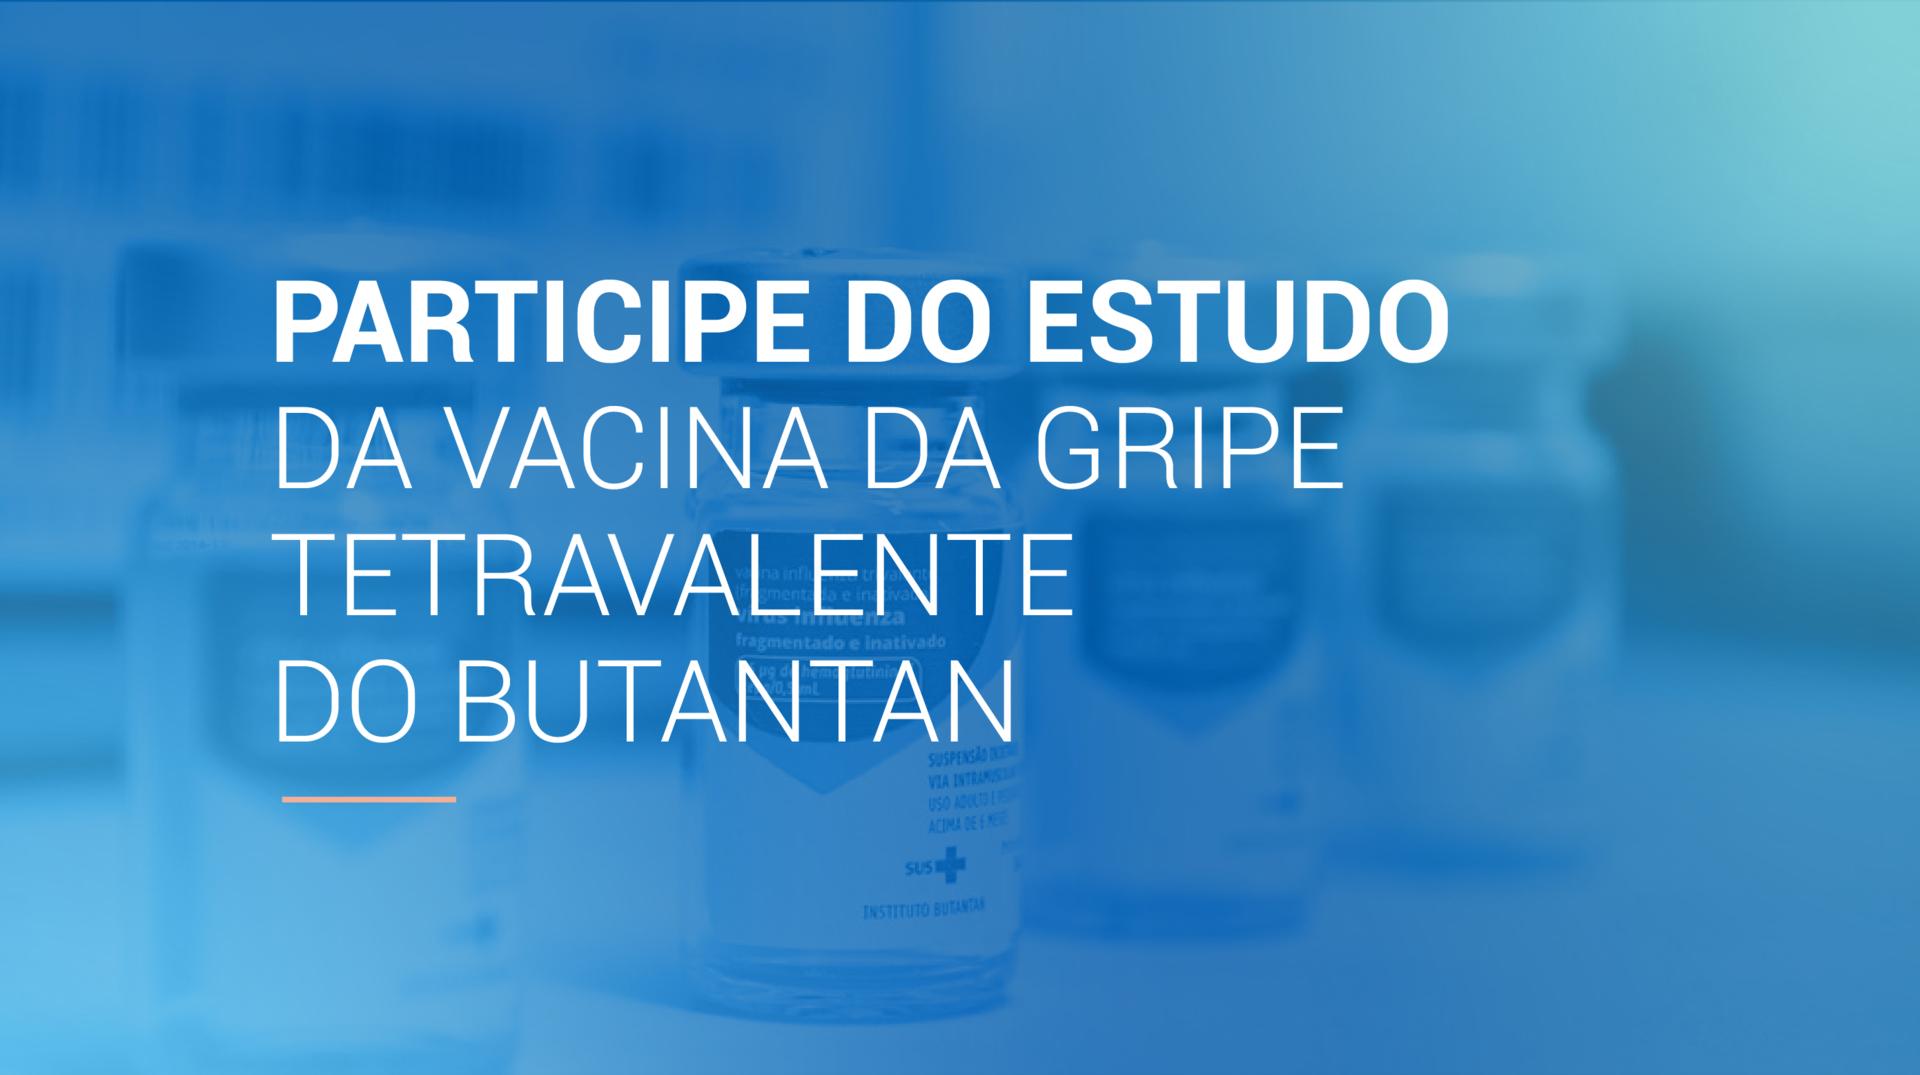 HSL-PUCRS conduz testes da vacina tetravalente em parceria com o Instituto Butantan